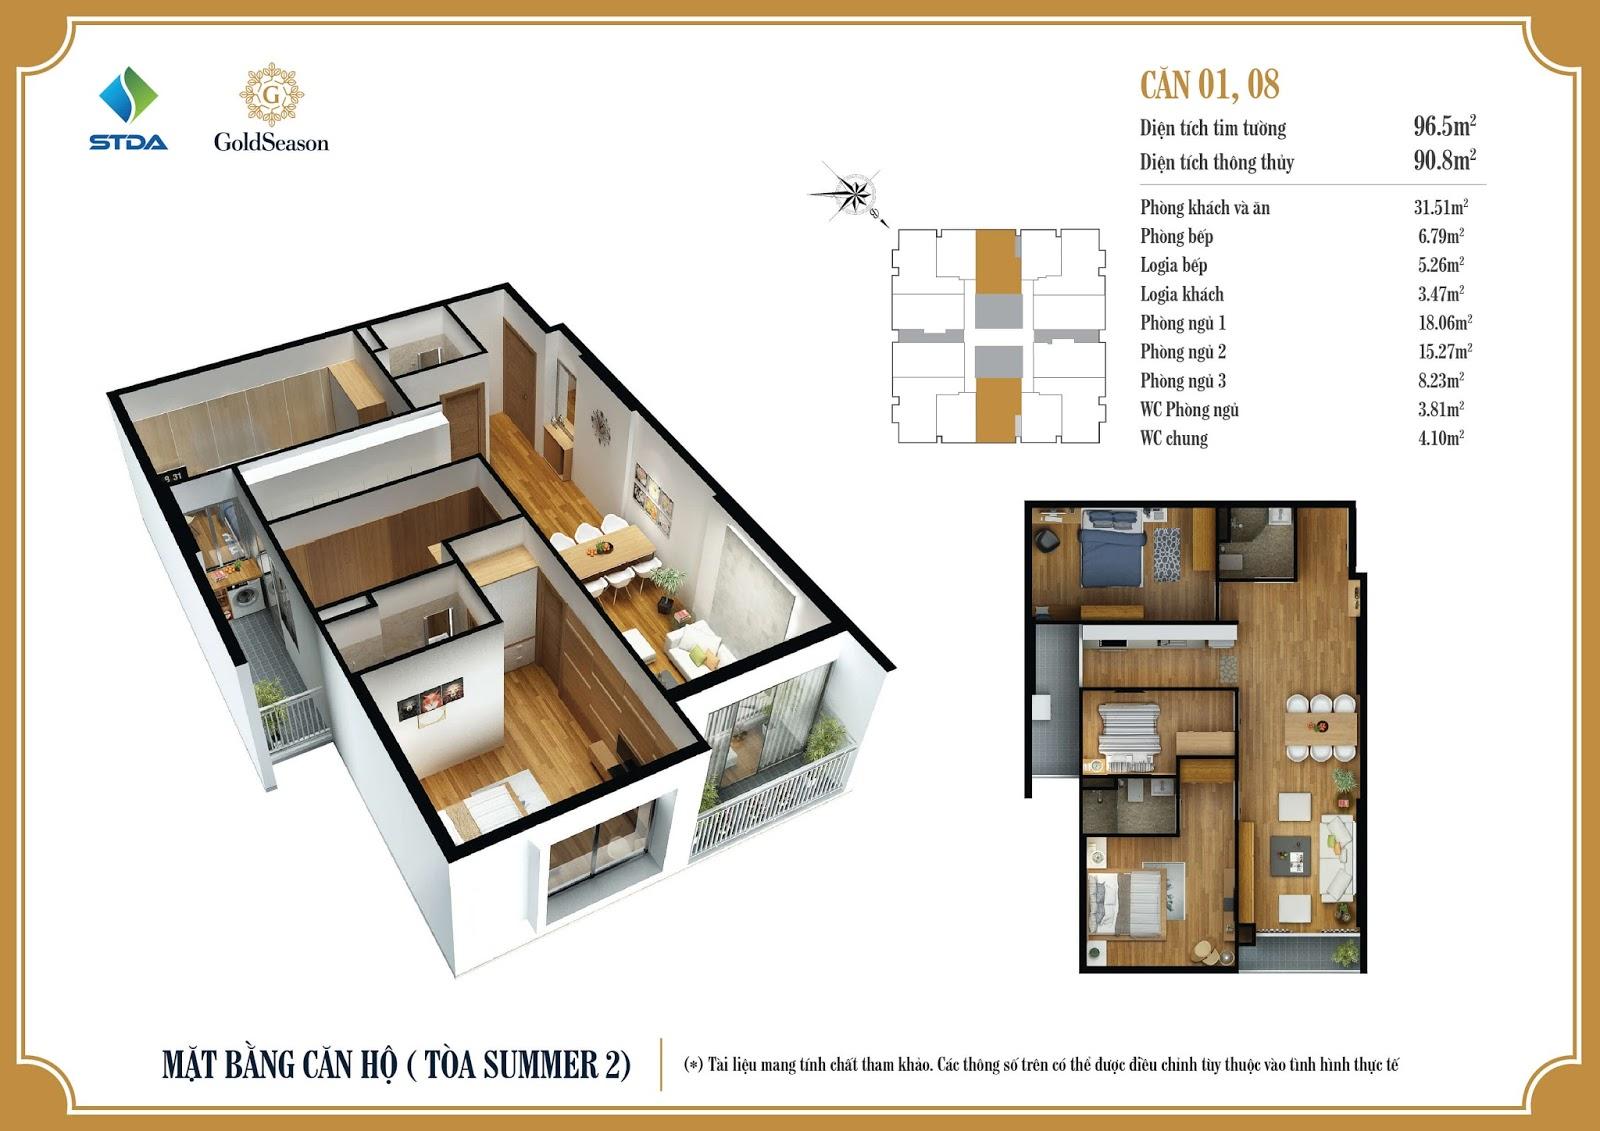 Thiết kế chi tiết mặt bằng căn hộ số 01 và 08 diện tích 96,5m2 - GoldSeason